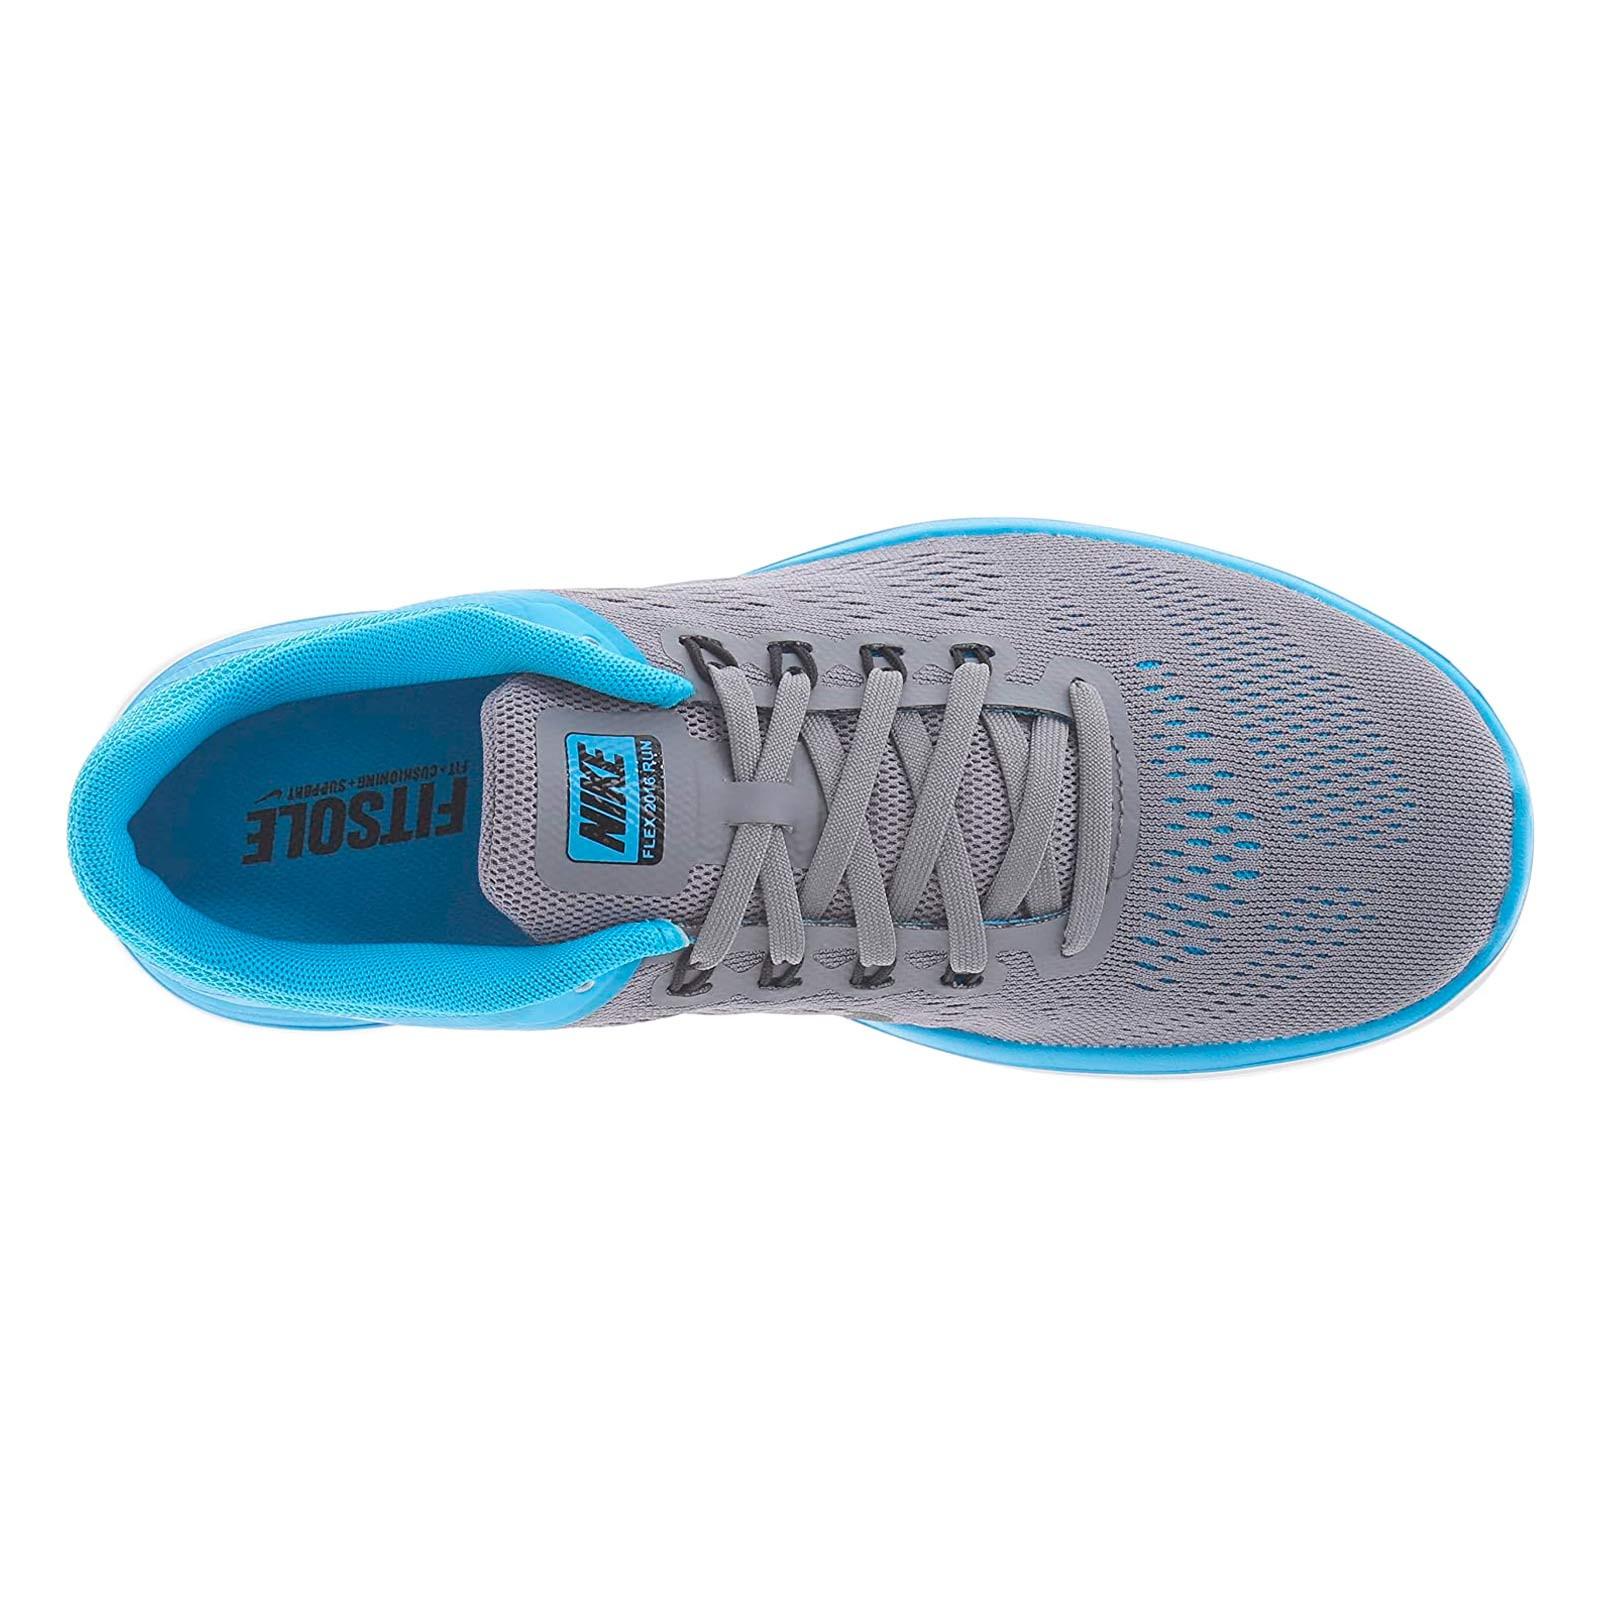 más desastre Turismo  Zapatillas Nike Wmns Flex 2016 Rn Running para Mujer | Runa Store